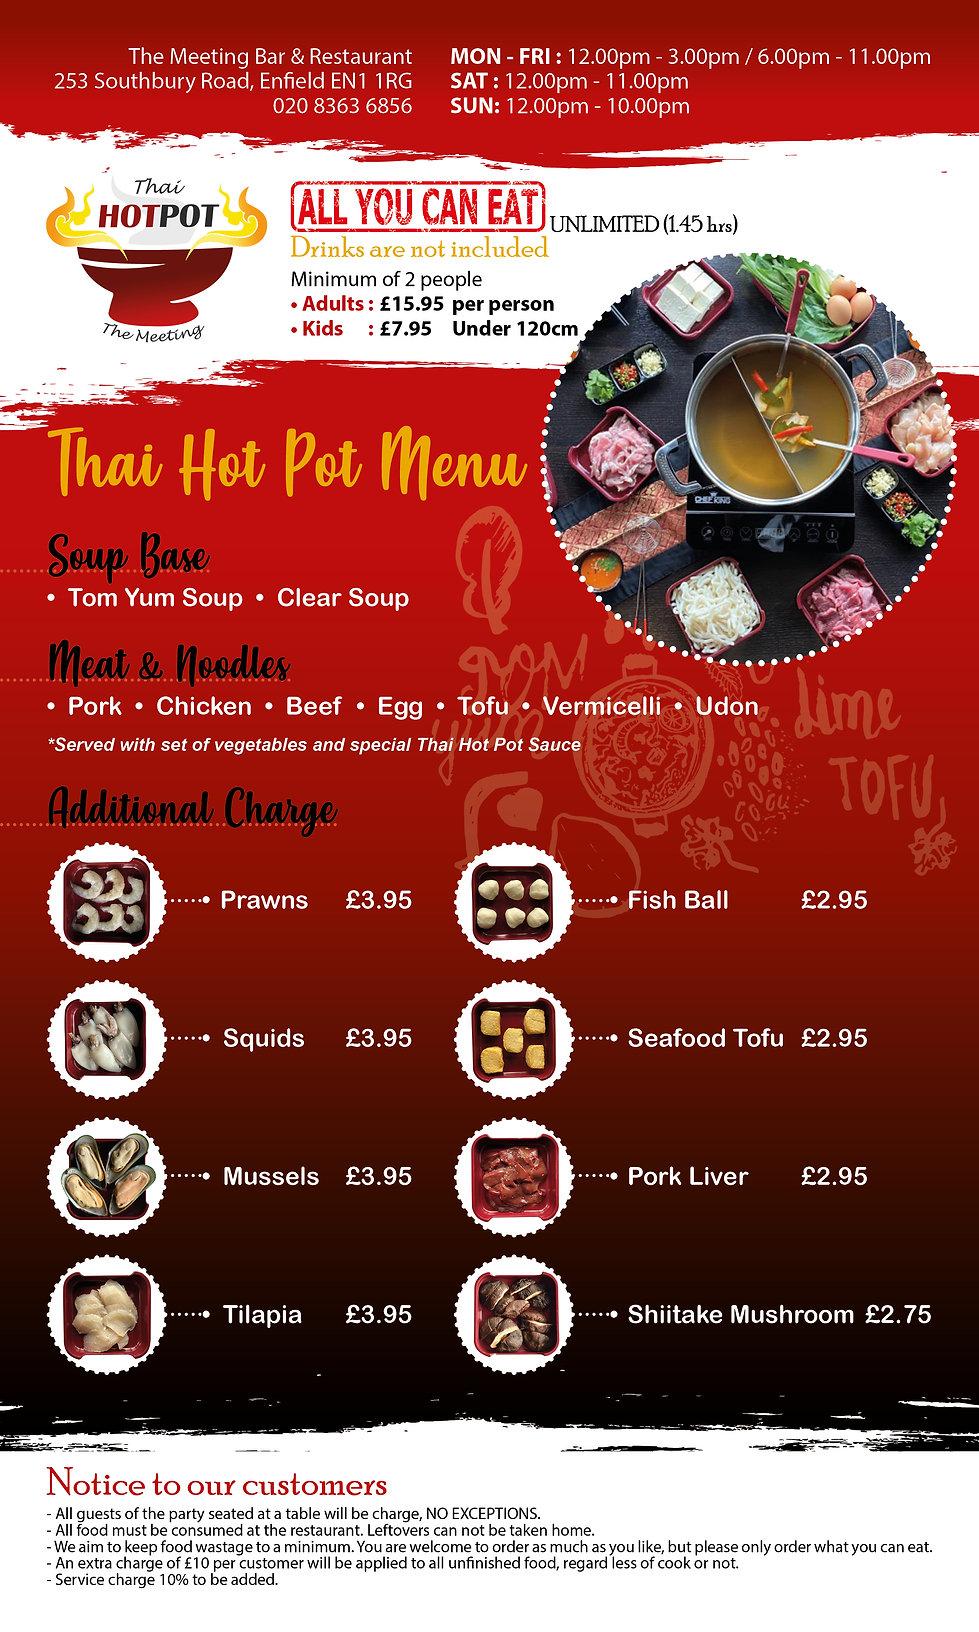 AW Thai Hot Pot Menu 210x350.jpg